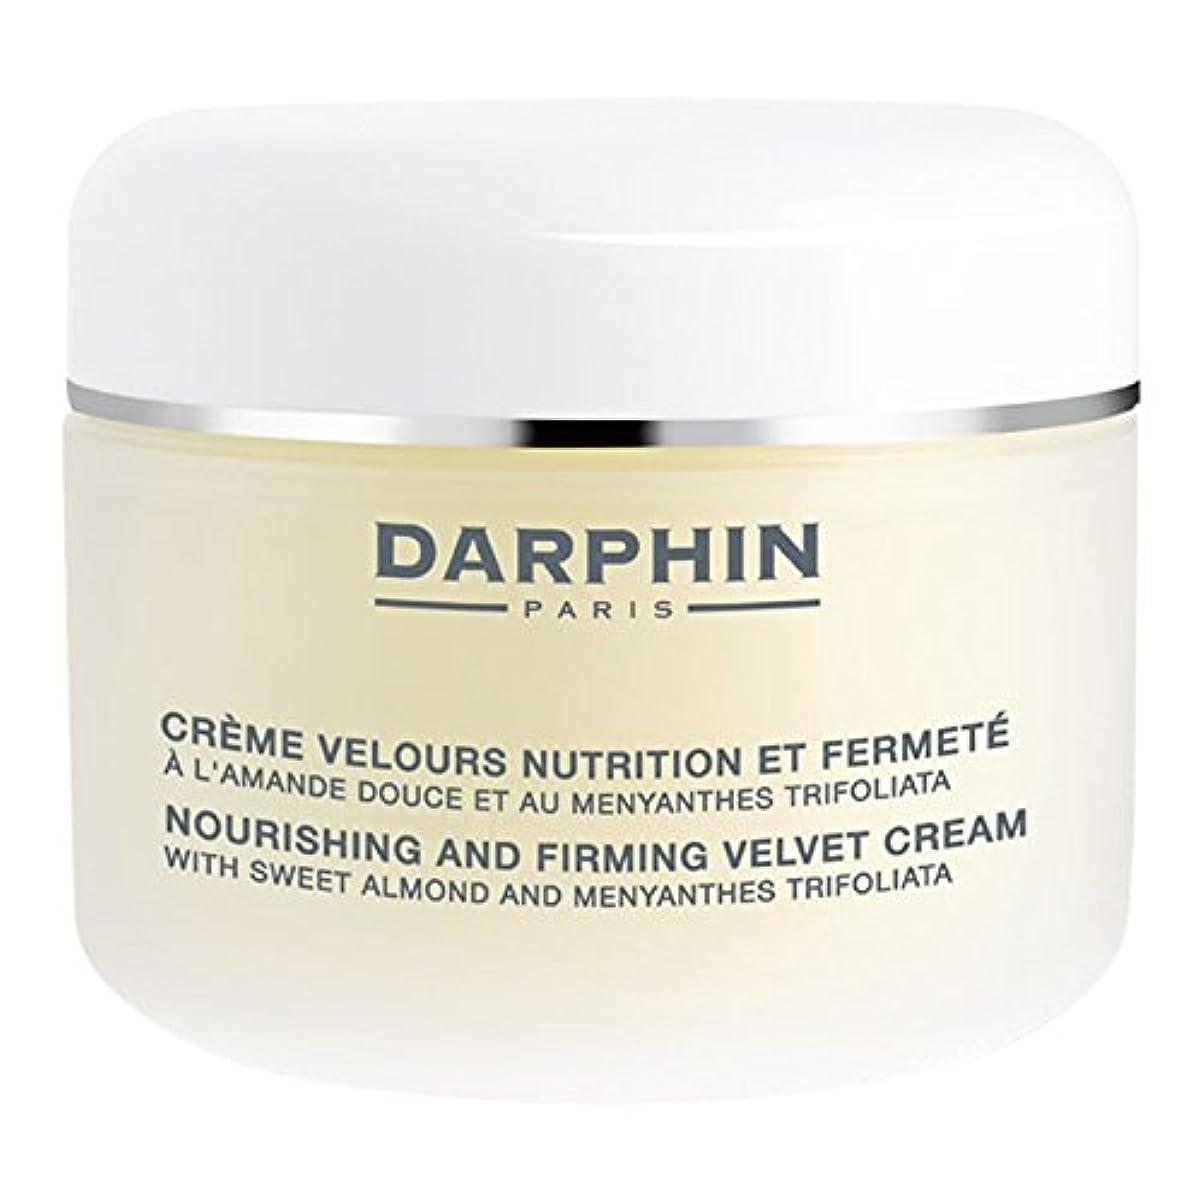 競争力のあるバンドルこどもの宮殿栄養と引き締めベルベットのクリーム200ミリリットルをダルファン (Darphin) - Darphin Nourishing and Firming Velvet Cream 200ml [並行輸入品]